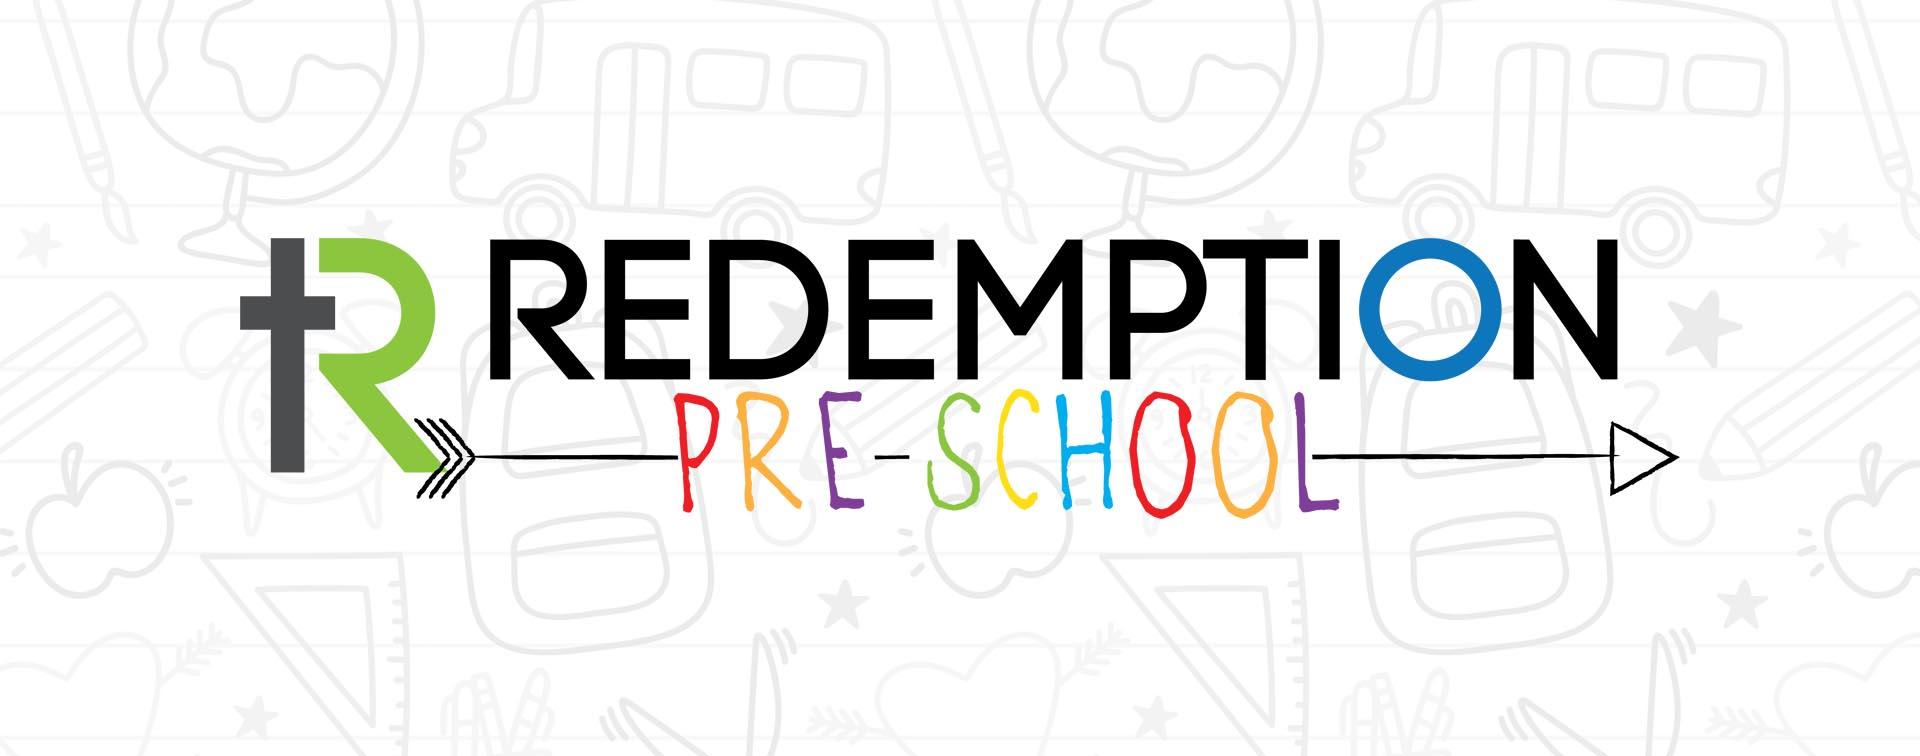 RedemptionPreSchool.jpg